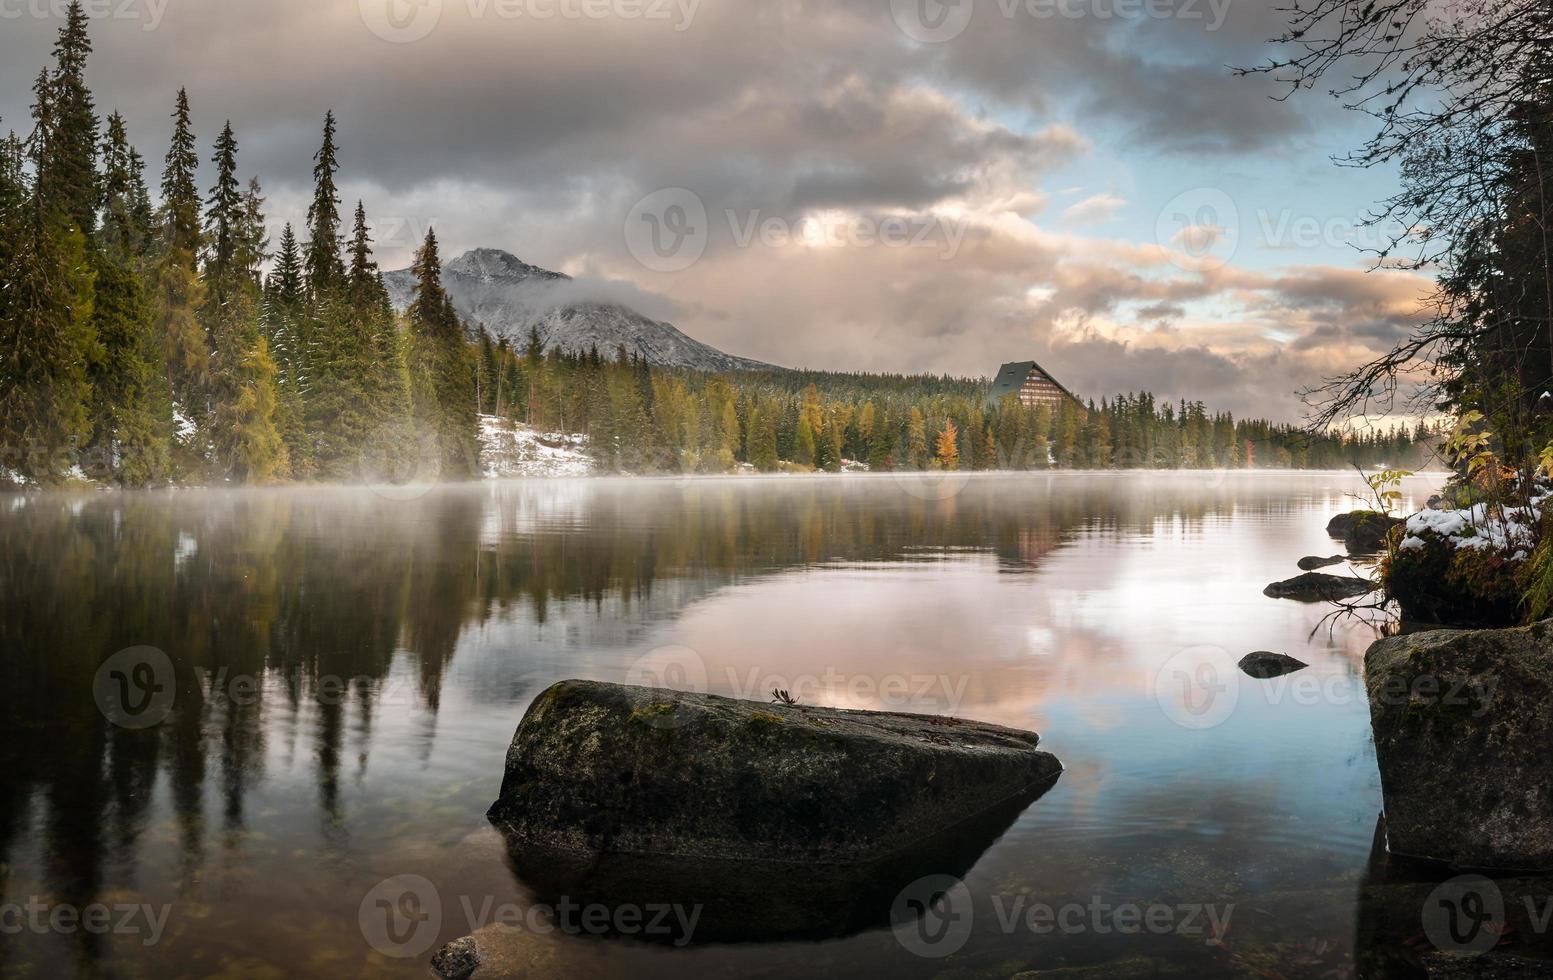 automne dans les montagnes tatra, strbskie pleso lake, slovaquie photo